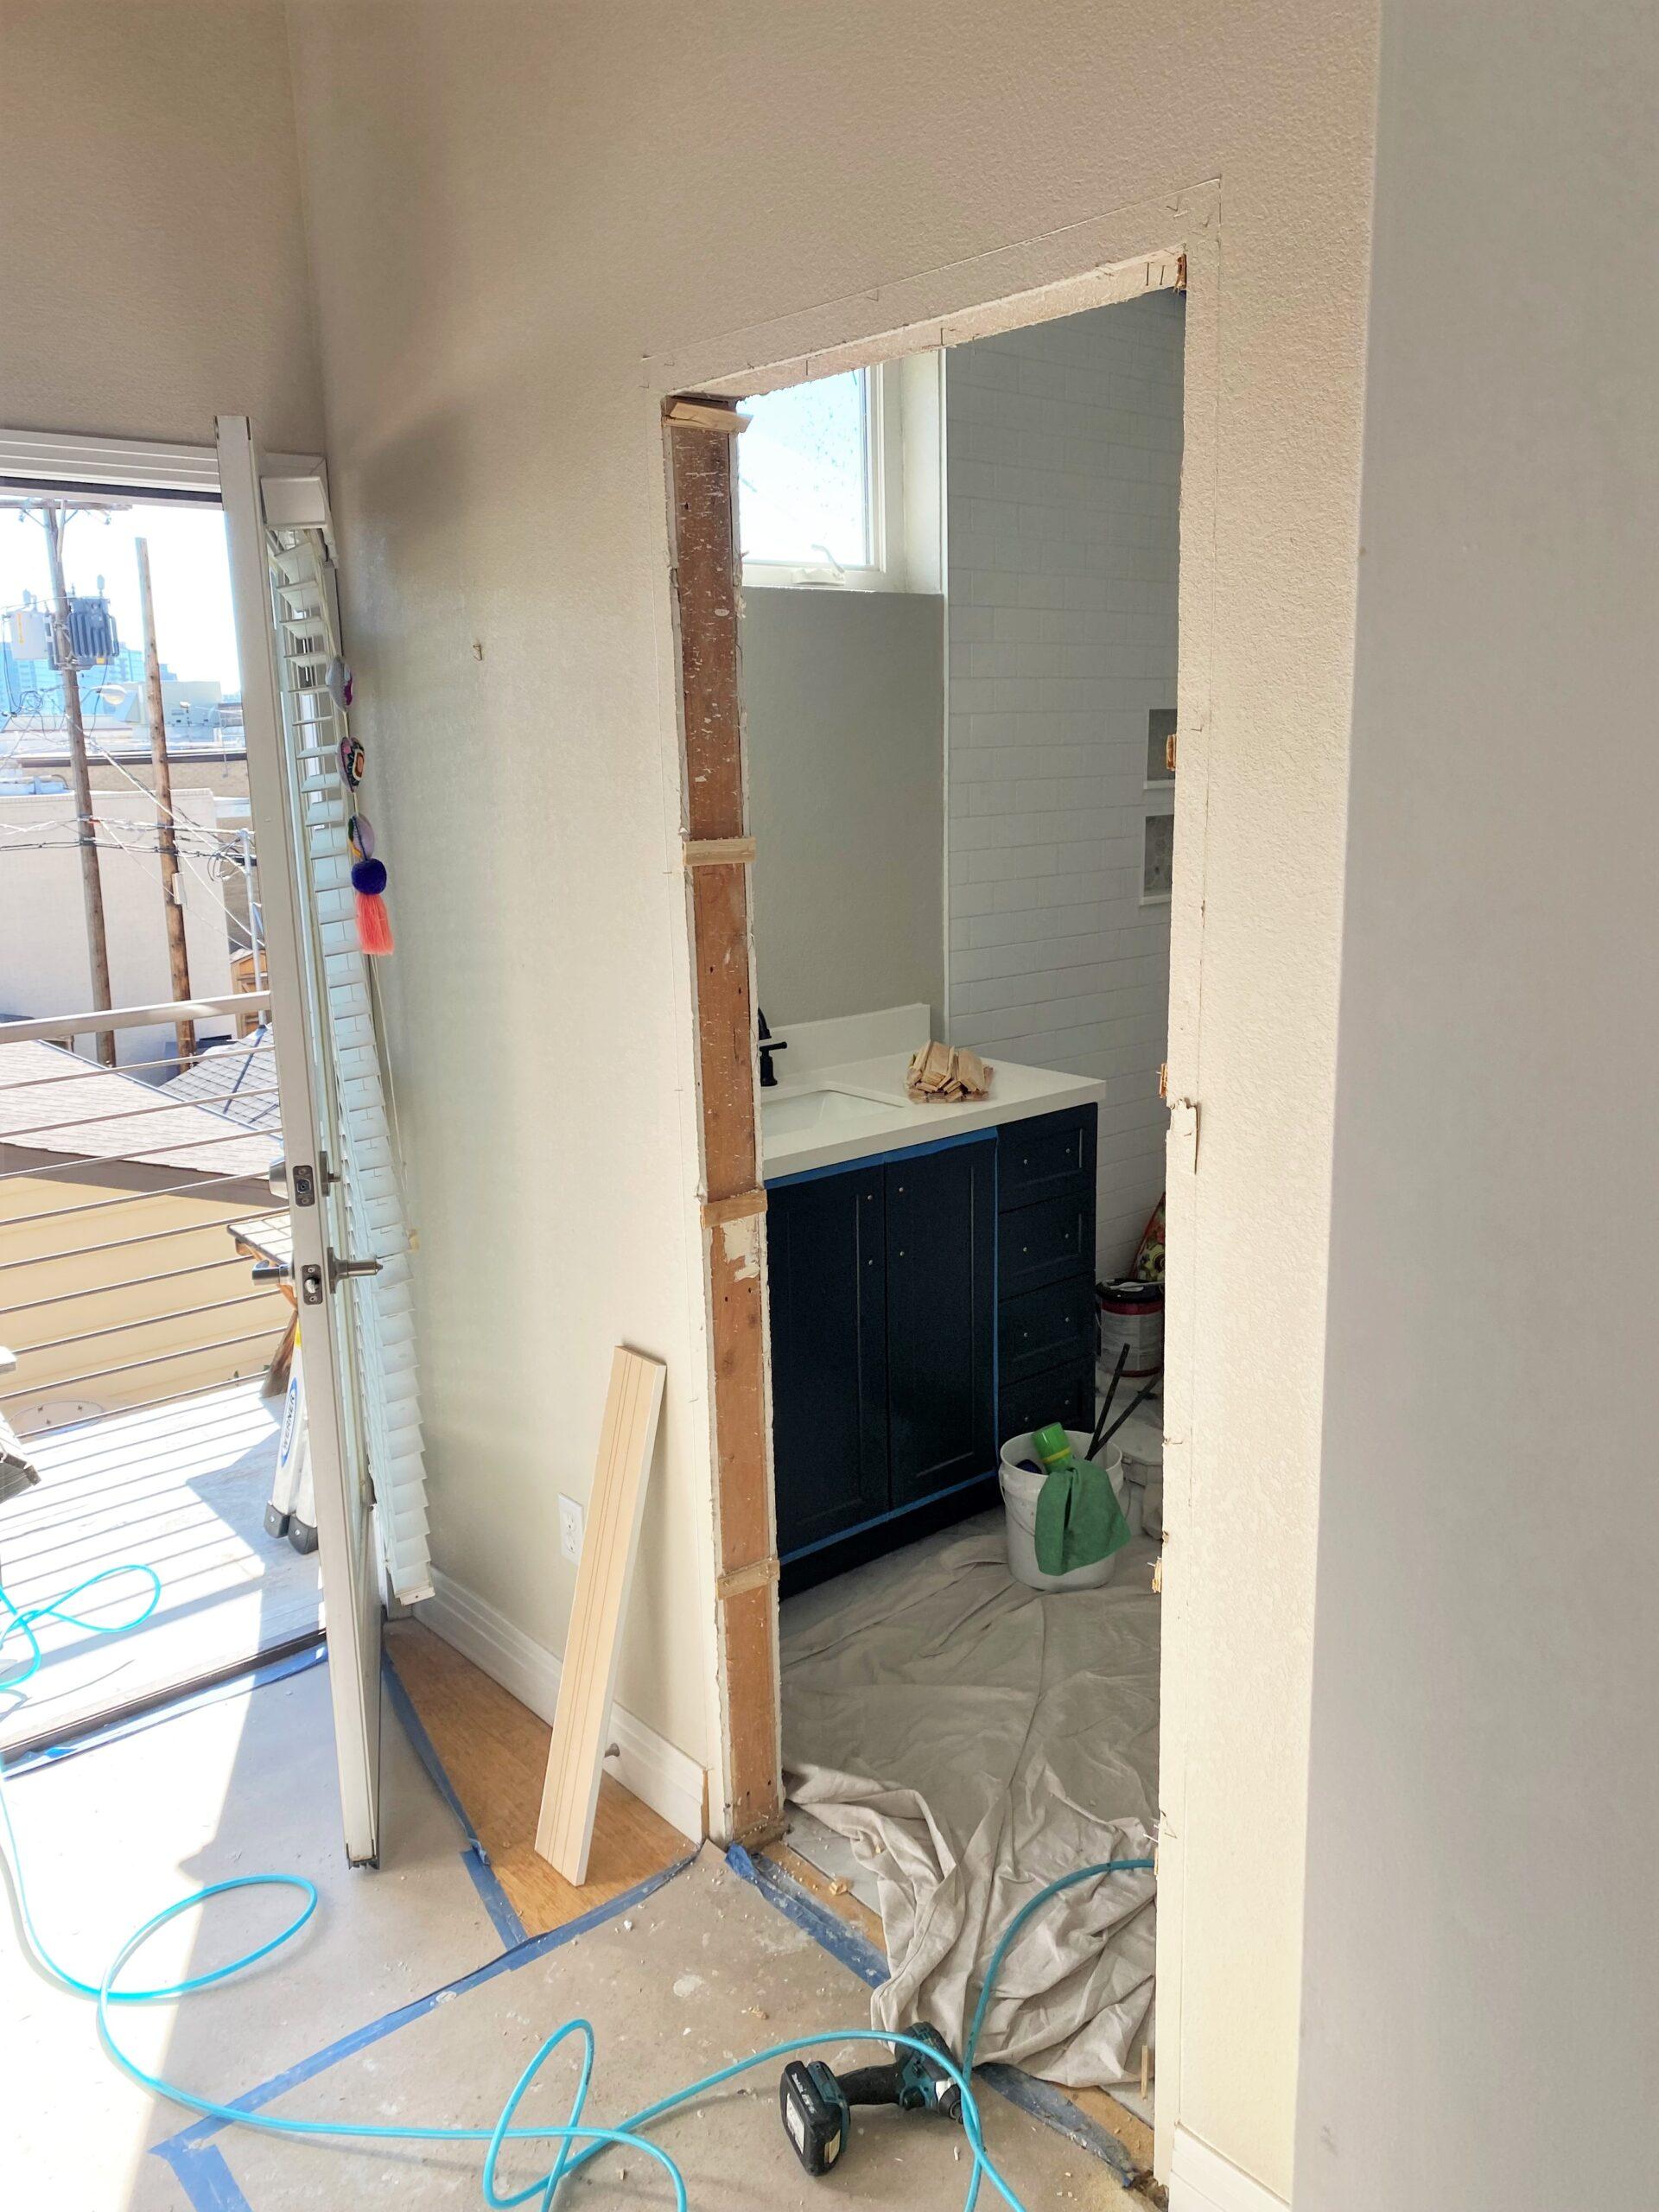 BEFORE Josh trimmed out 2 doorways in this bathroom before installing barn doors in each.